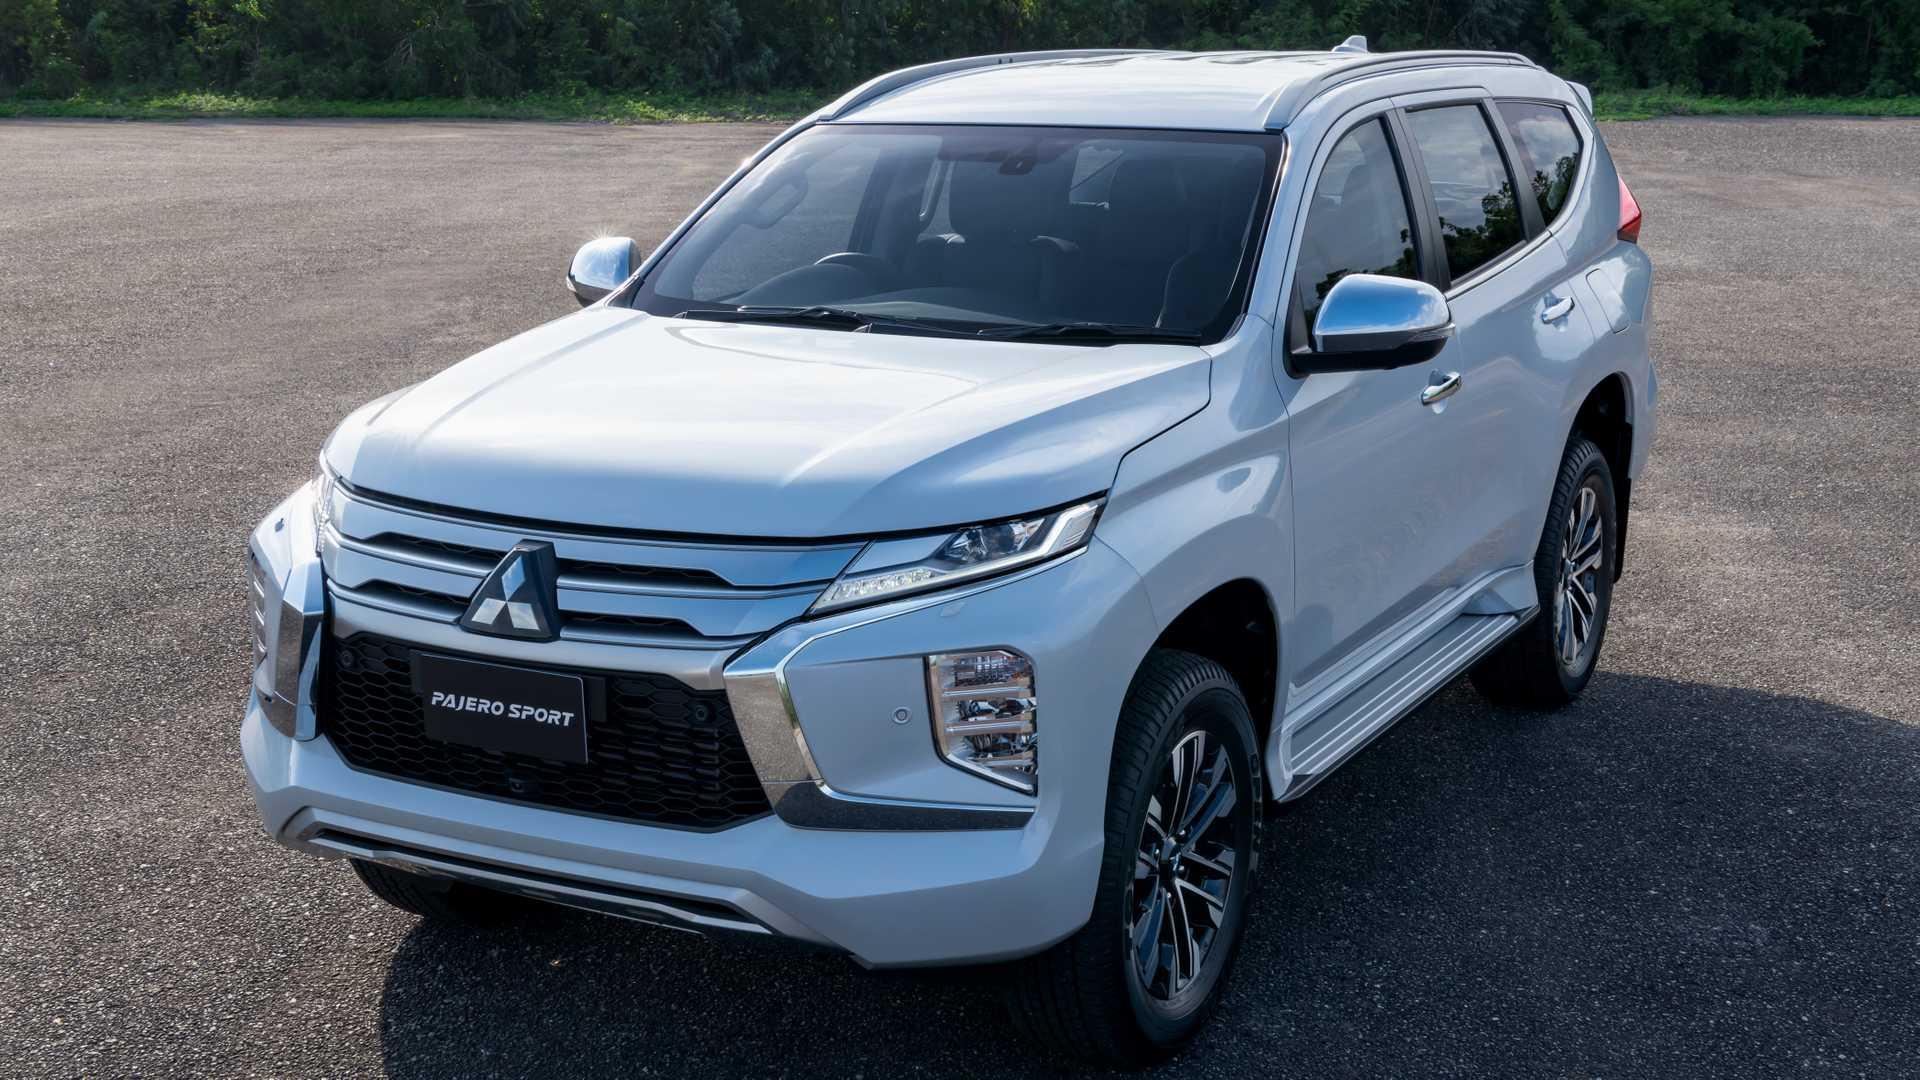 11 All New Mitsubishi Montero 2020 Model Picture with Mitsubishi Montero 2020 Model